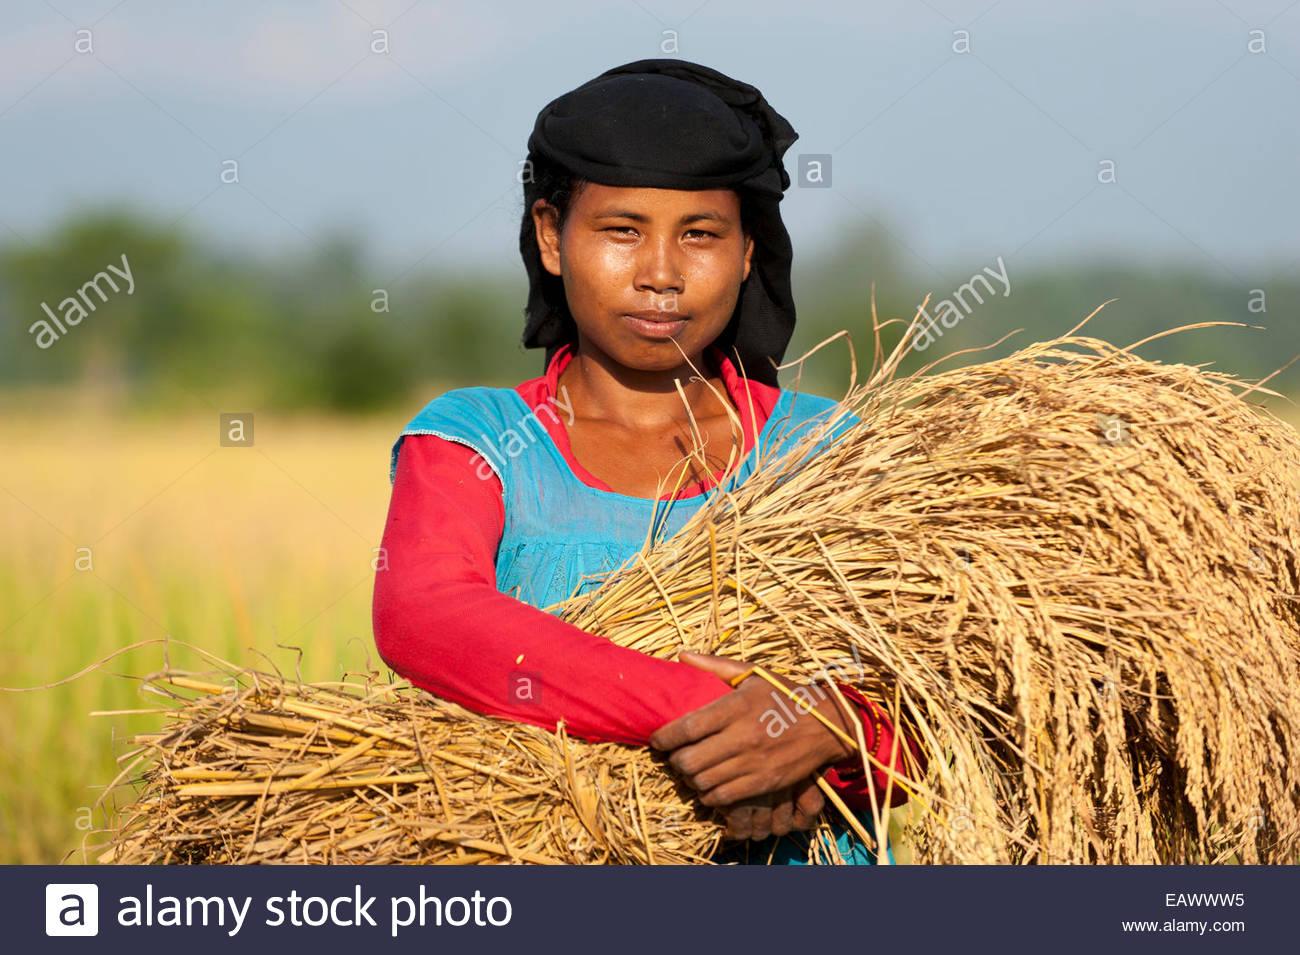 Una donna nepalese trattiene un fascio di appena raccolto di riso Immagini  Stock 53e336466c26